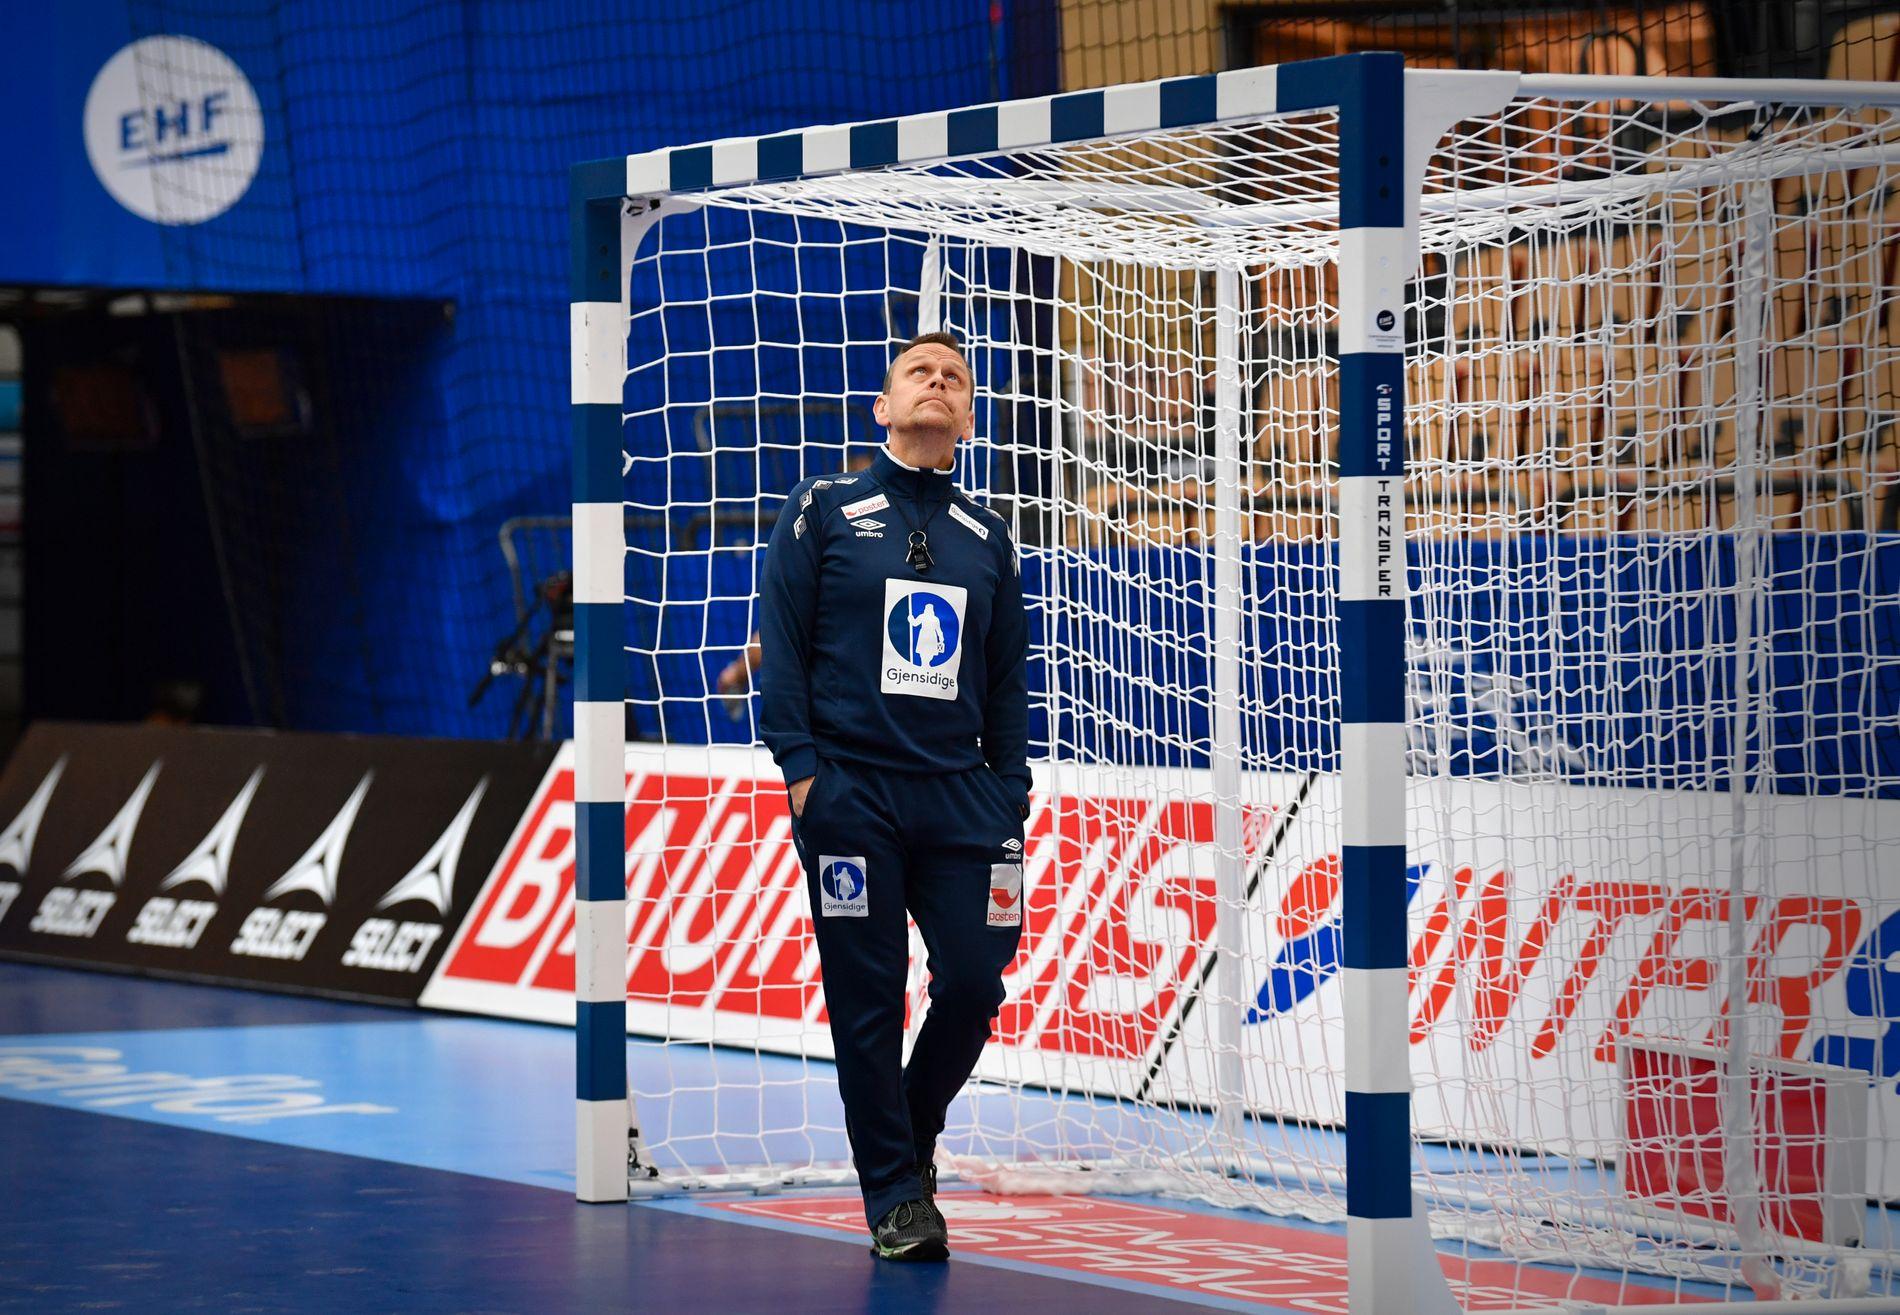 SJEKK: Thorir Hergeirsson ber om at mål blir sjekket nøye før trening og kamp. Her studerer han selv et mål før EM-kamp mot Romania i 2016.